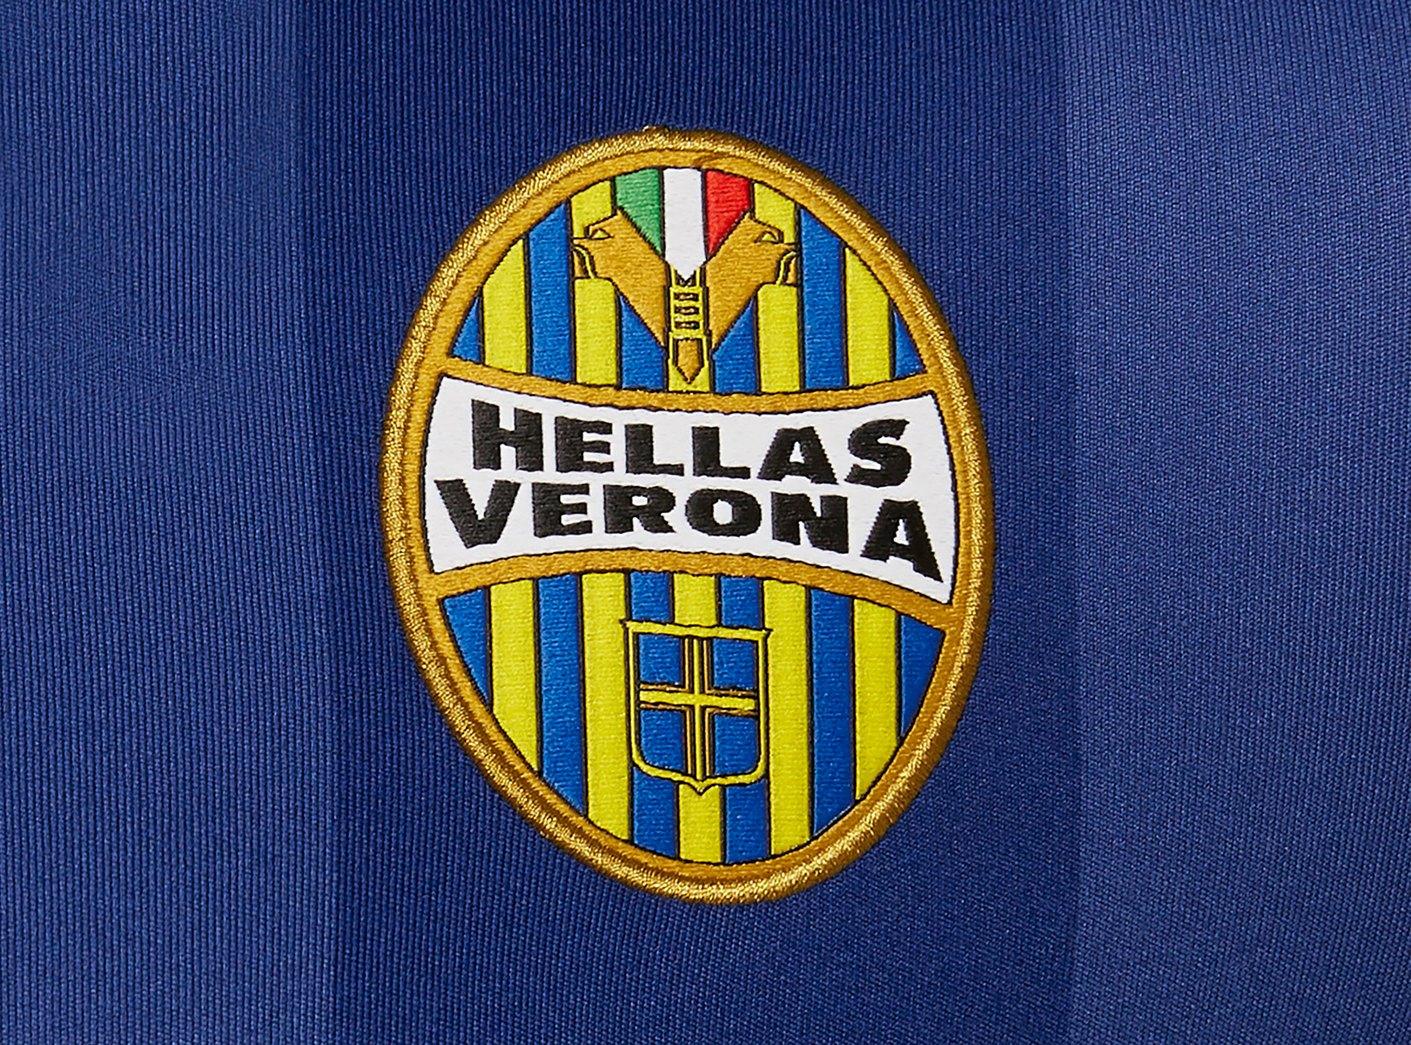 Camiseta titular del Hellas Verona 2019/20 | Imagen Macron